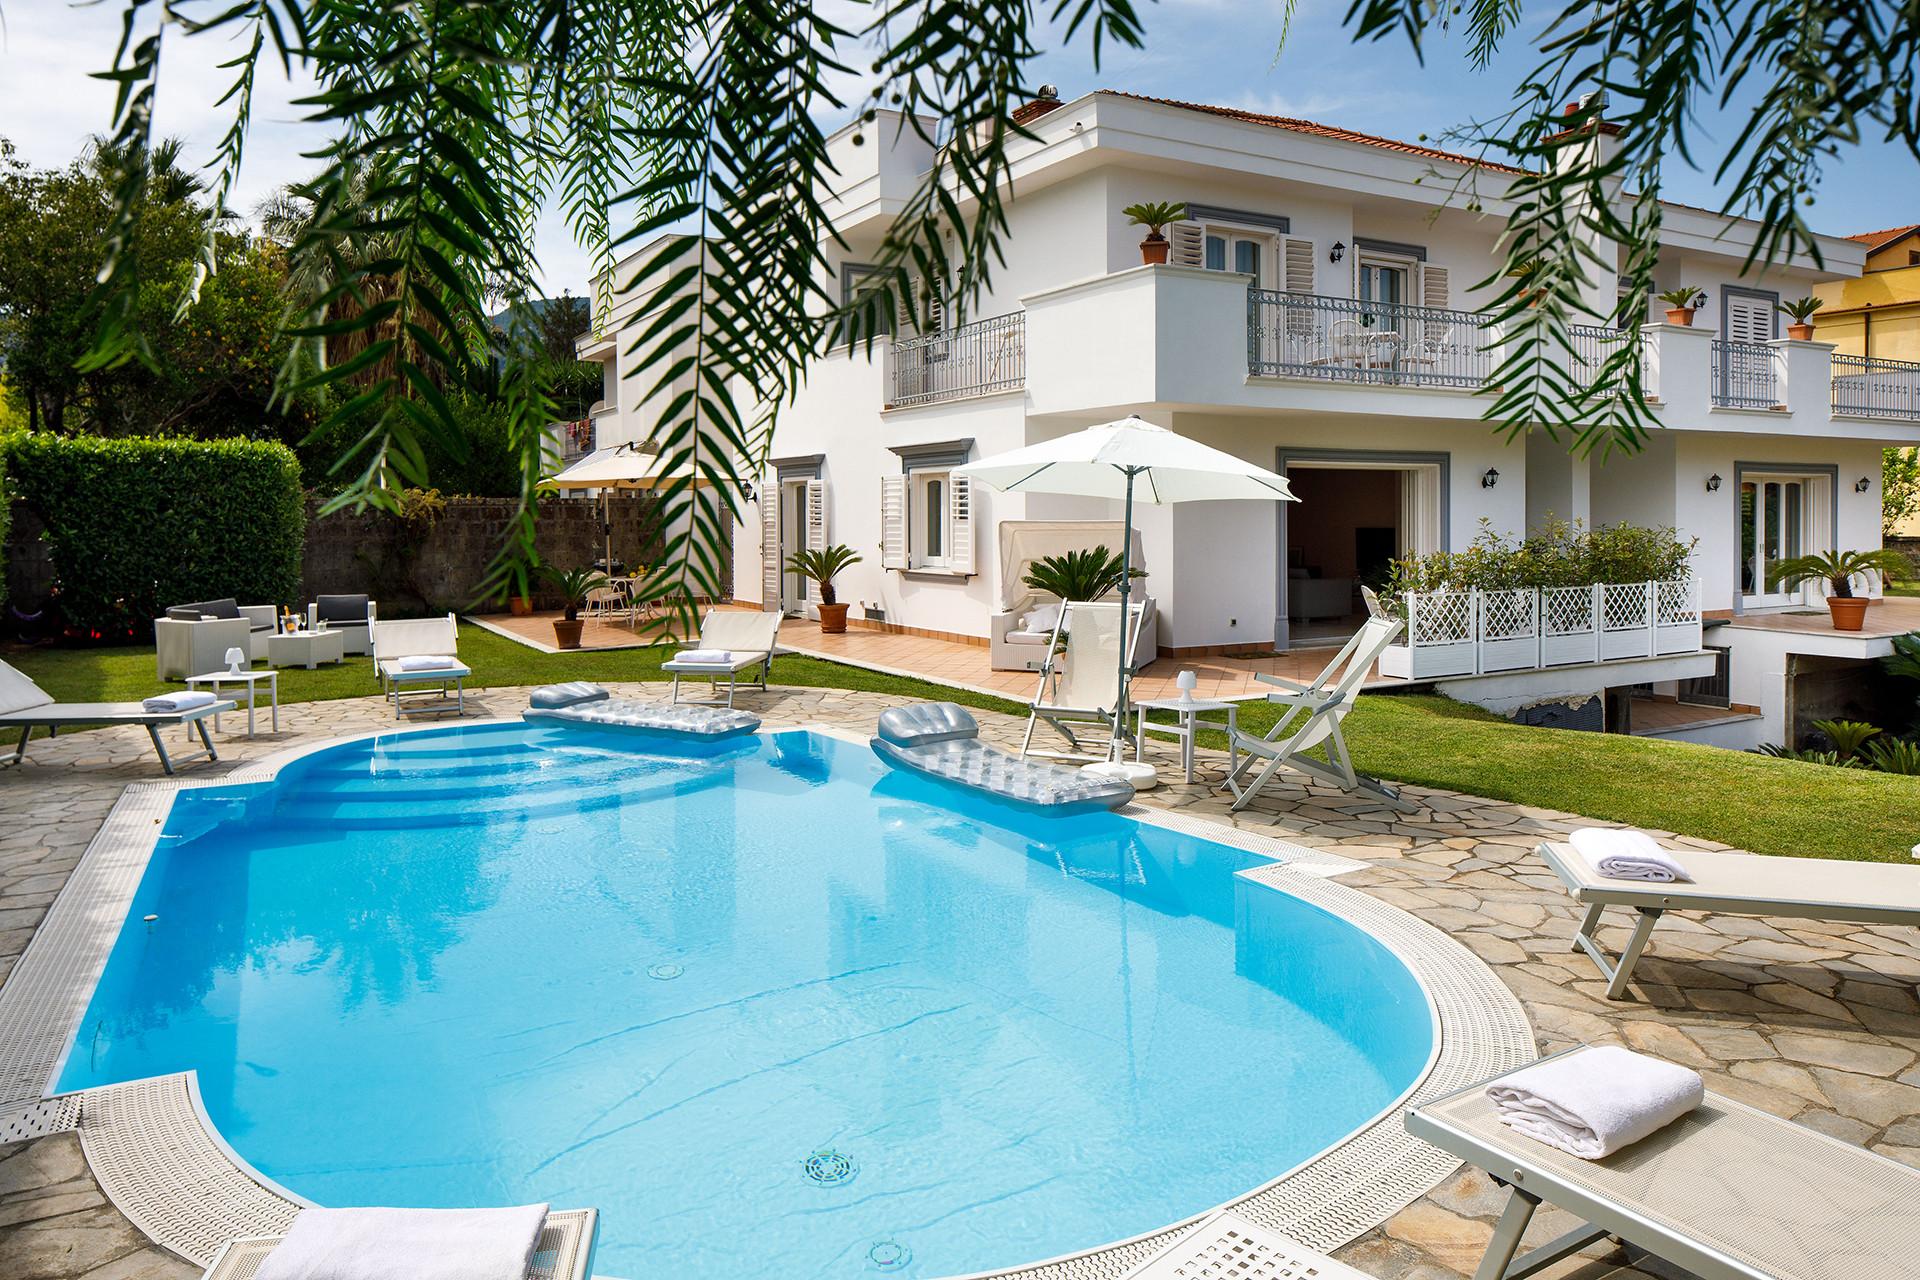 Villa Lia Penisola Sorrentina Amore Rentals